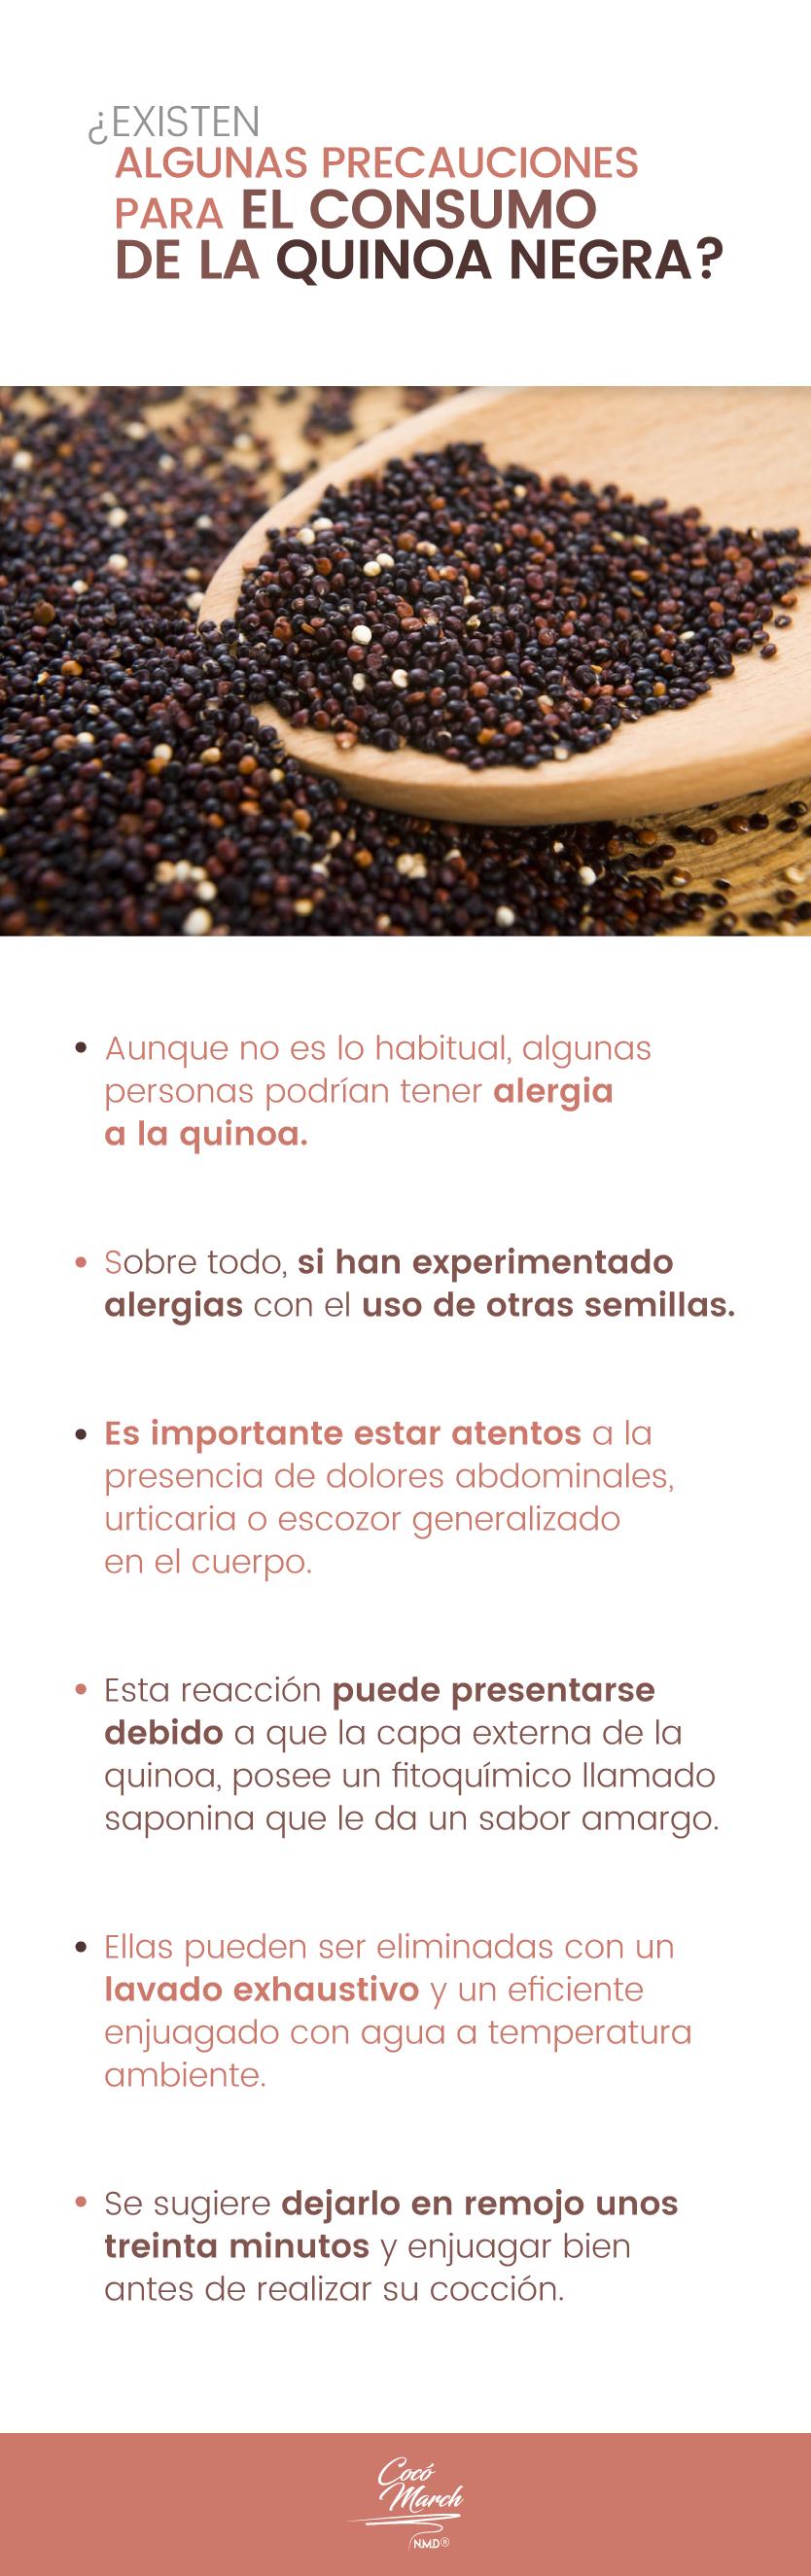 quinoa-negra-precauciones